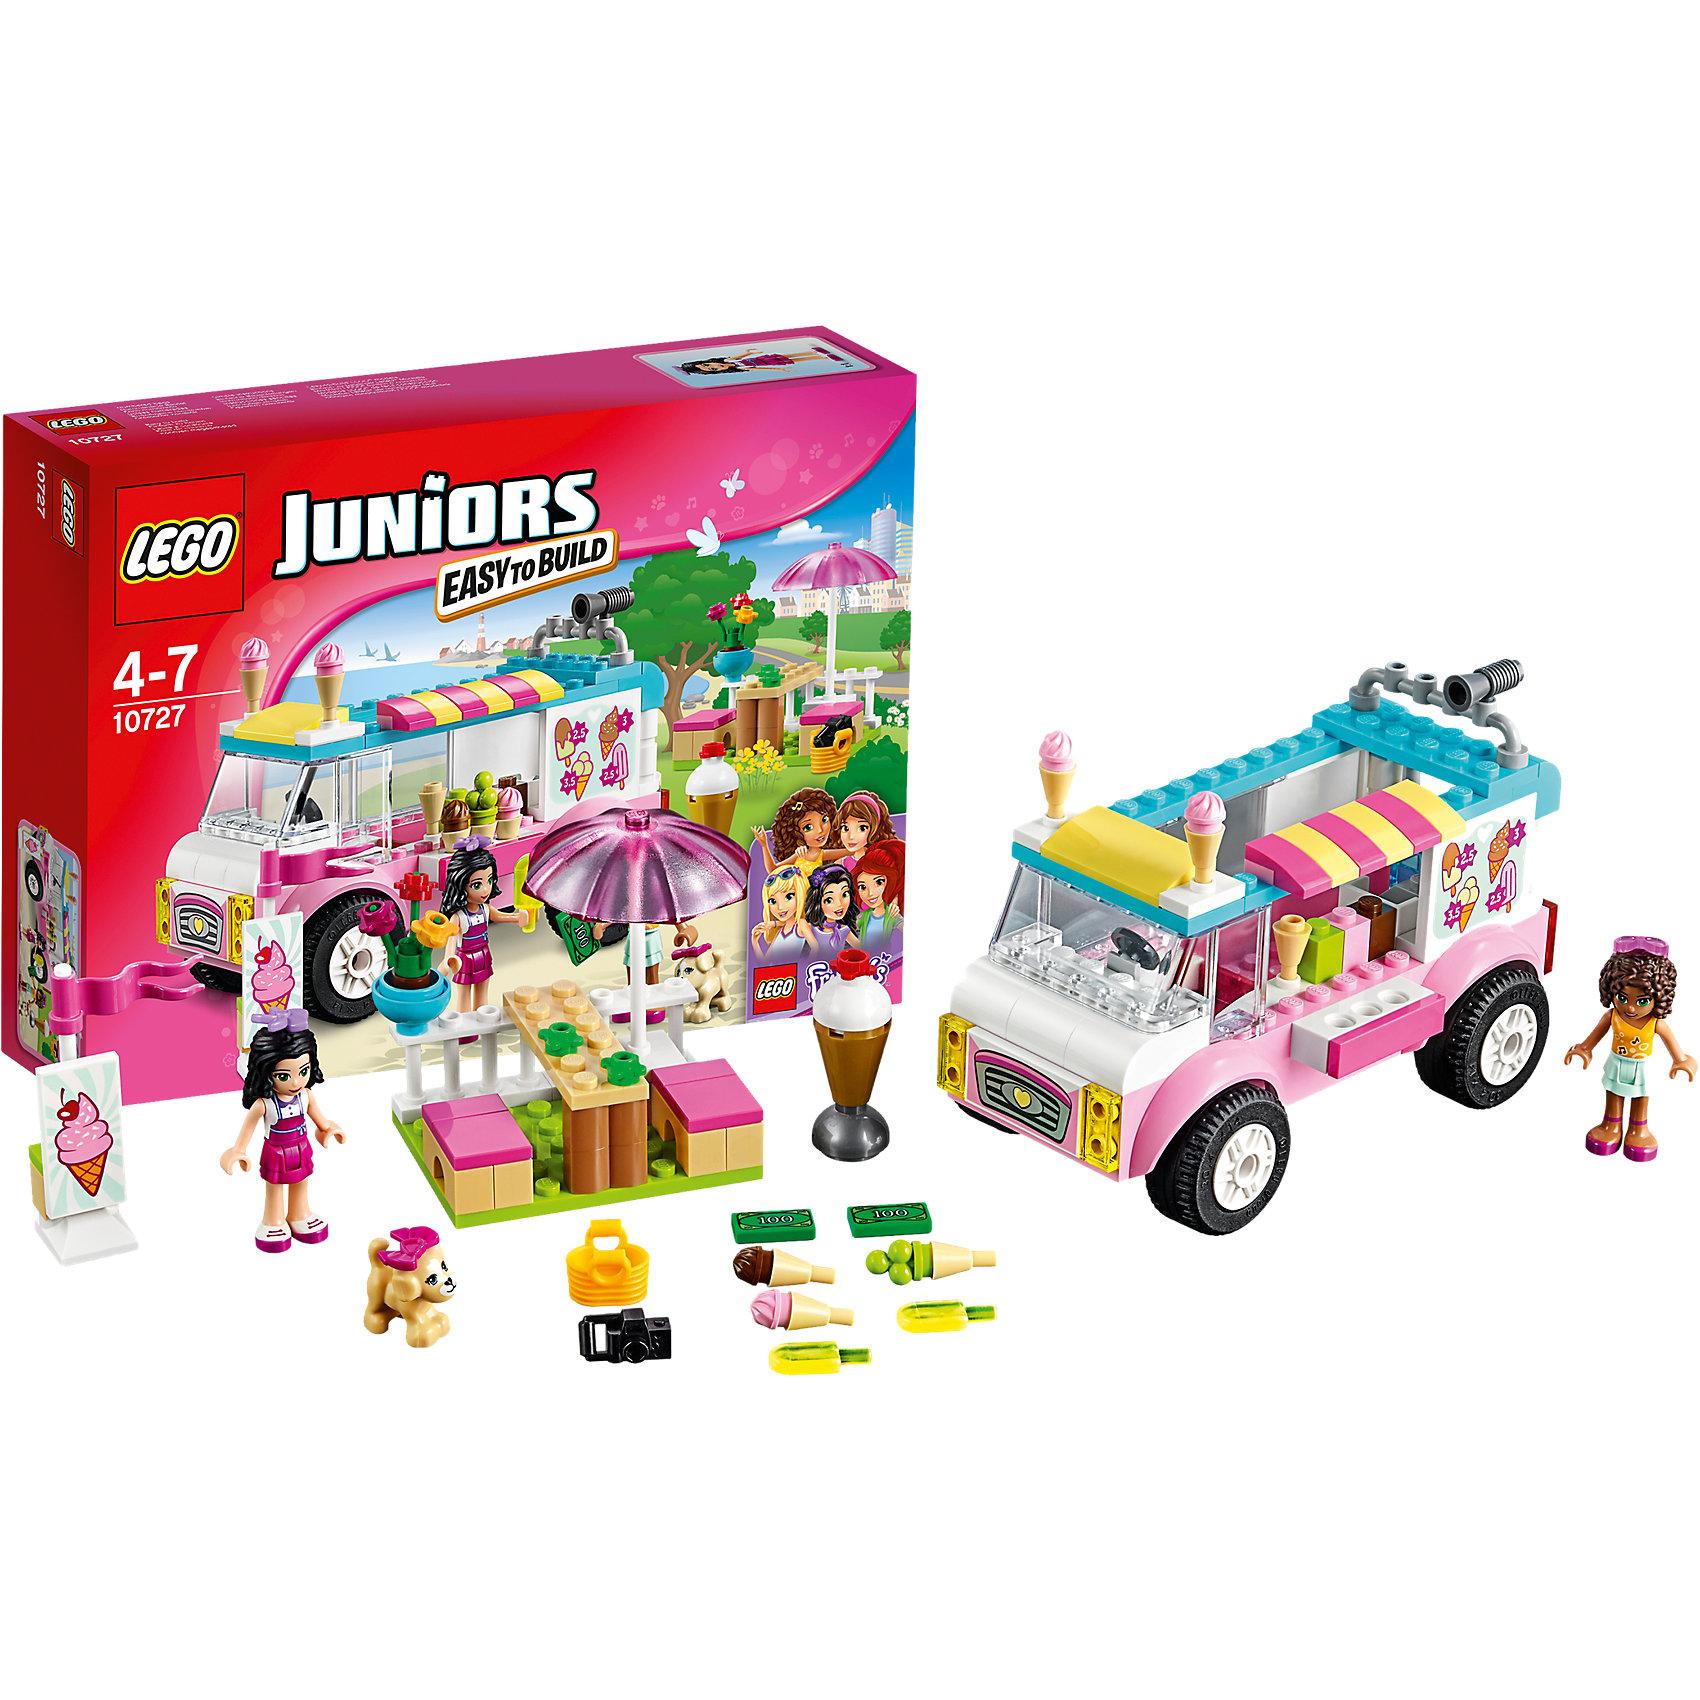 LEGO Juniors 10727: Грузовик с мороженым ЭммыПластмассовые конструкторы<br>Игры с конструктором обожает множество современных девочек, поэтому набор Лего, из которого можно собрать разные сюжеты про героев и её приключения, обязательно порадует ребенка. Такие игрушки помогают детям развивать воображение, мелкую моторику, логику и творческое мышление.<br>Набор состоит из множества деталей, с помощью которых можно  собрать декорации для игр, а также в нем есть фигурки любимых персонажей! С таким комплектом можно придумать множество игр!<br><br>Дополнительная информация:<br><br>цвет: разноцветный;<br>размер коробки: 26 х 19 х 6 см;<br>вес: 330 г;<br>материал: пластик;<br>количество деталей: 136.<br><br>Набор  Грузовик с мороженым Эммы от бренда LEGO Juniors можно купить в нашем магазине.<br><br>Ширина мм: 264<br>Глубина мм: 190<br>Высота мм: 60<br>Вес г: 321<br>Возраст от месяцев: 48<br>Возраст до месяцев: 84<br>Пол: Женский<br>Возраст: Детский<br>SKU: 4641212